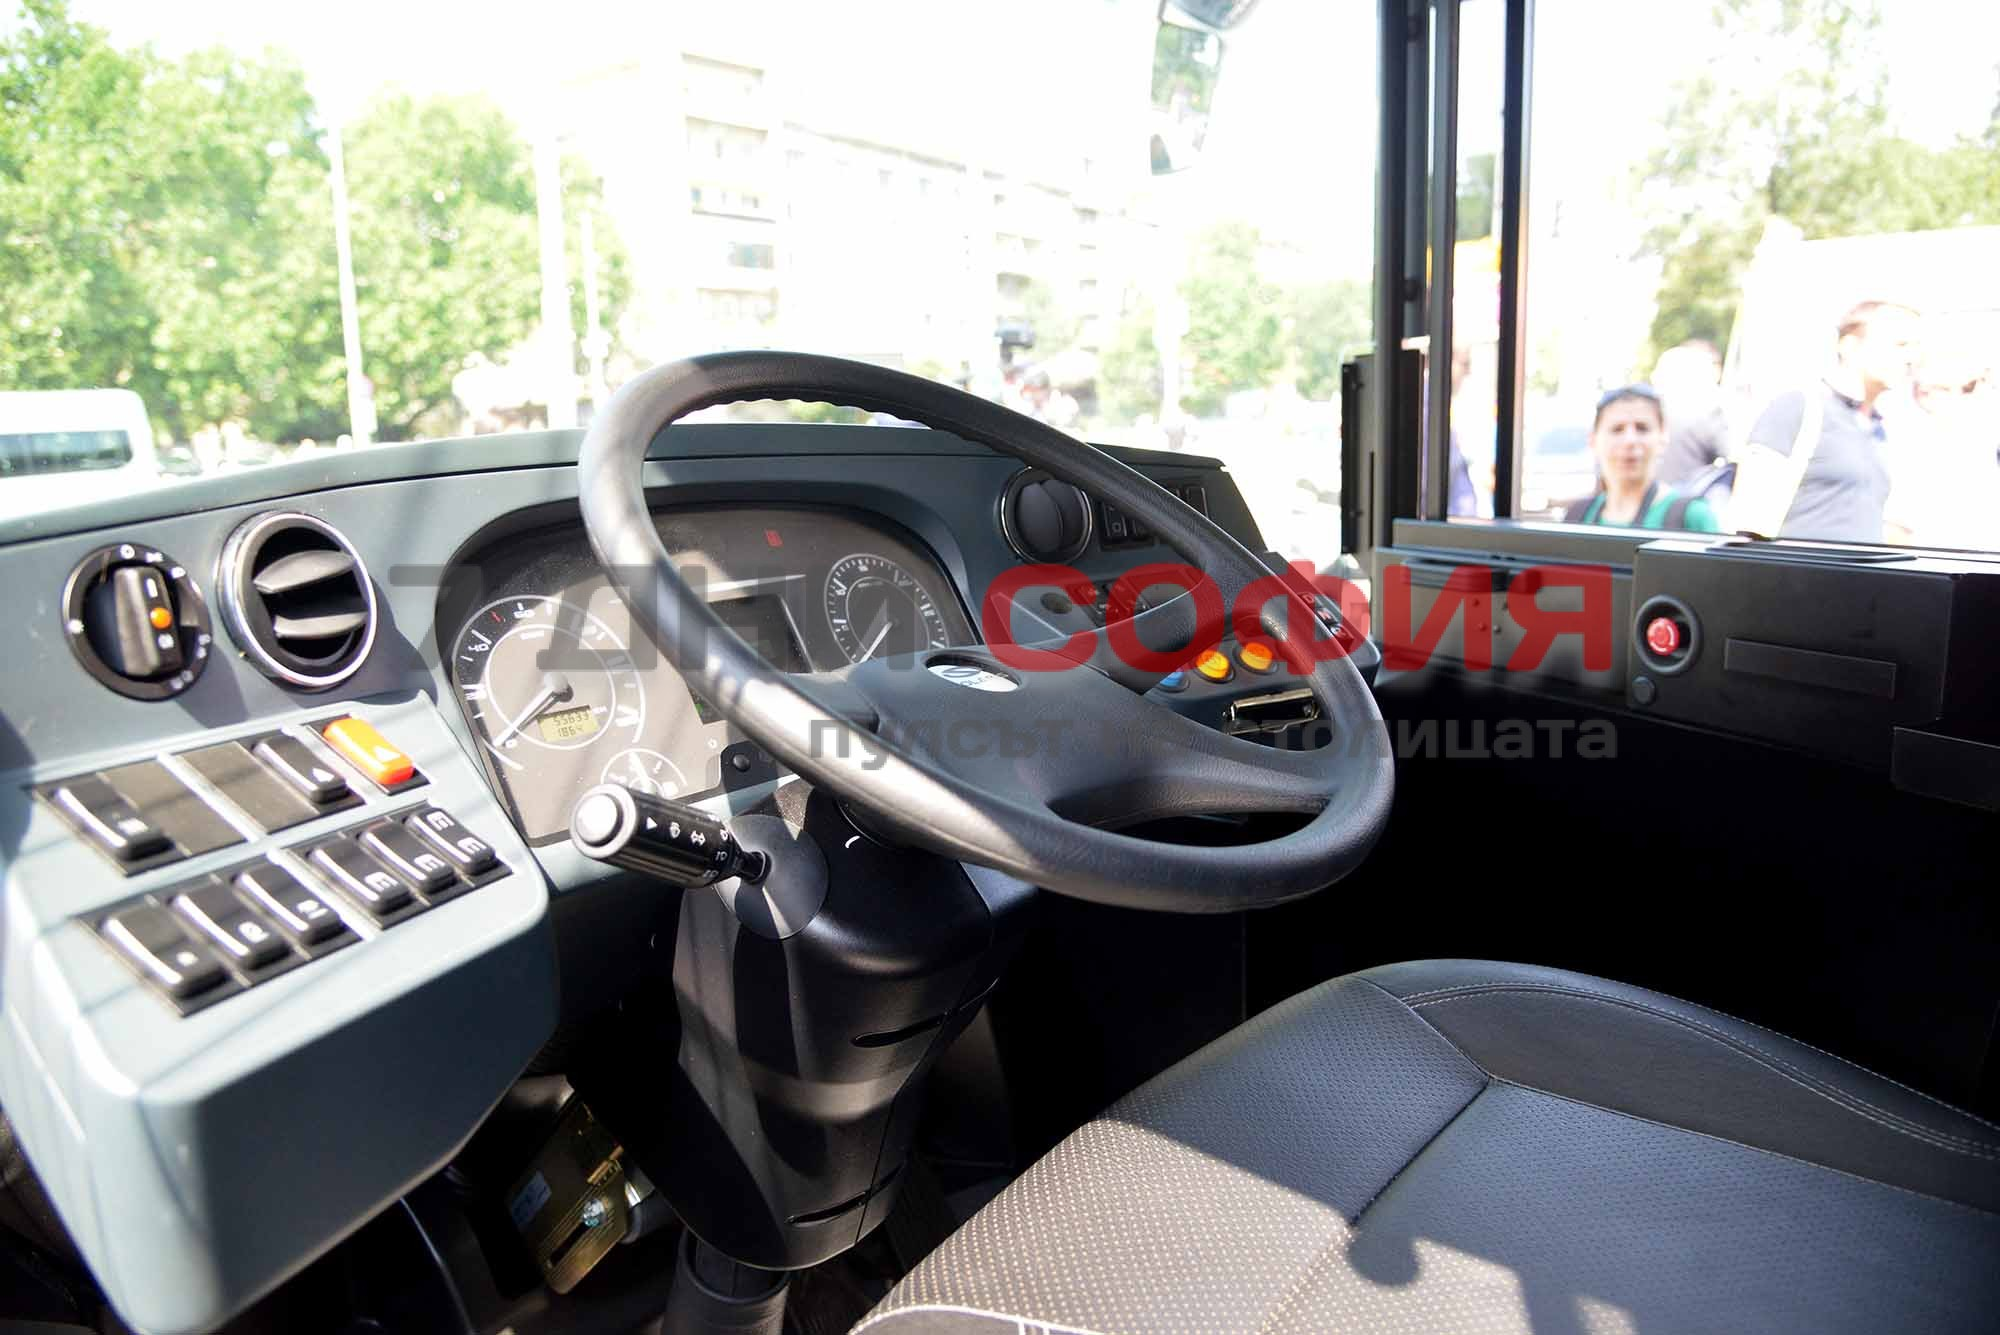 Снимка: Шокиращо! Столичани се чудят и маят какво е това нещо в автобус 314